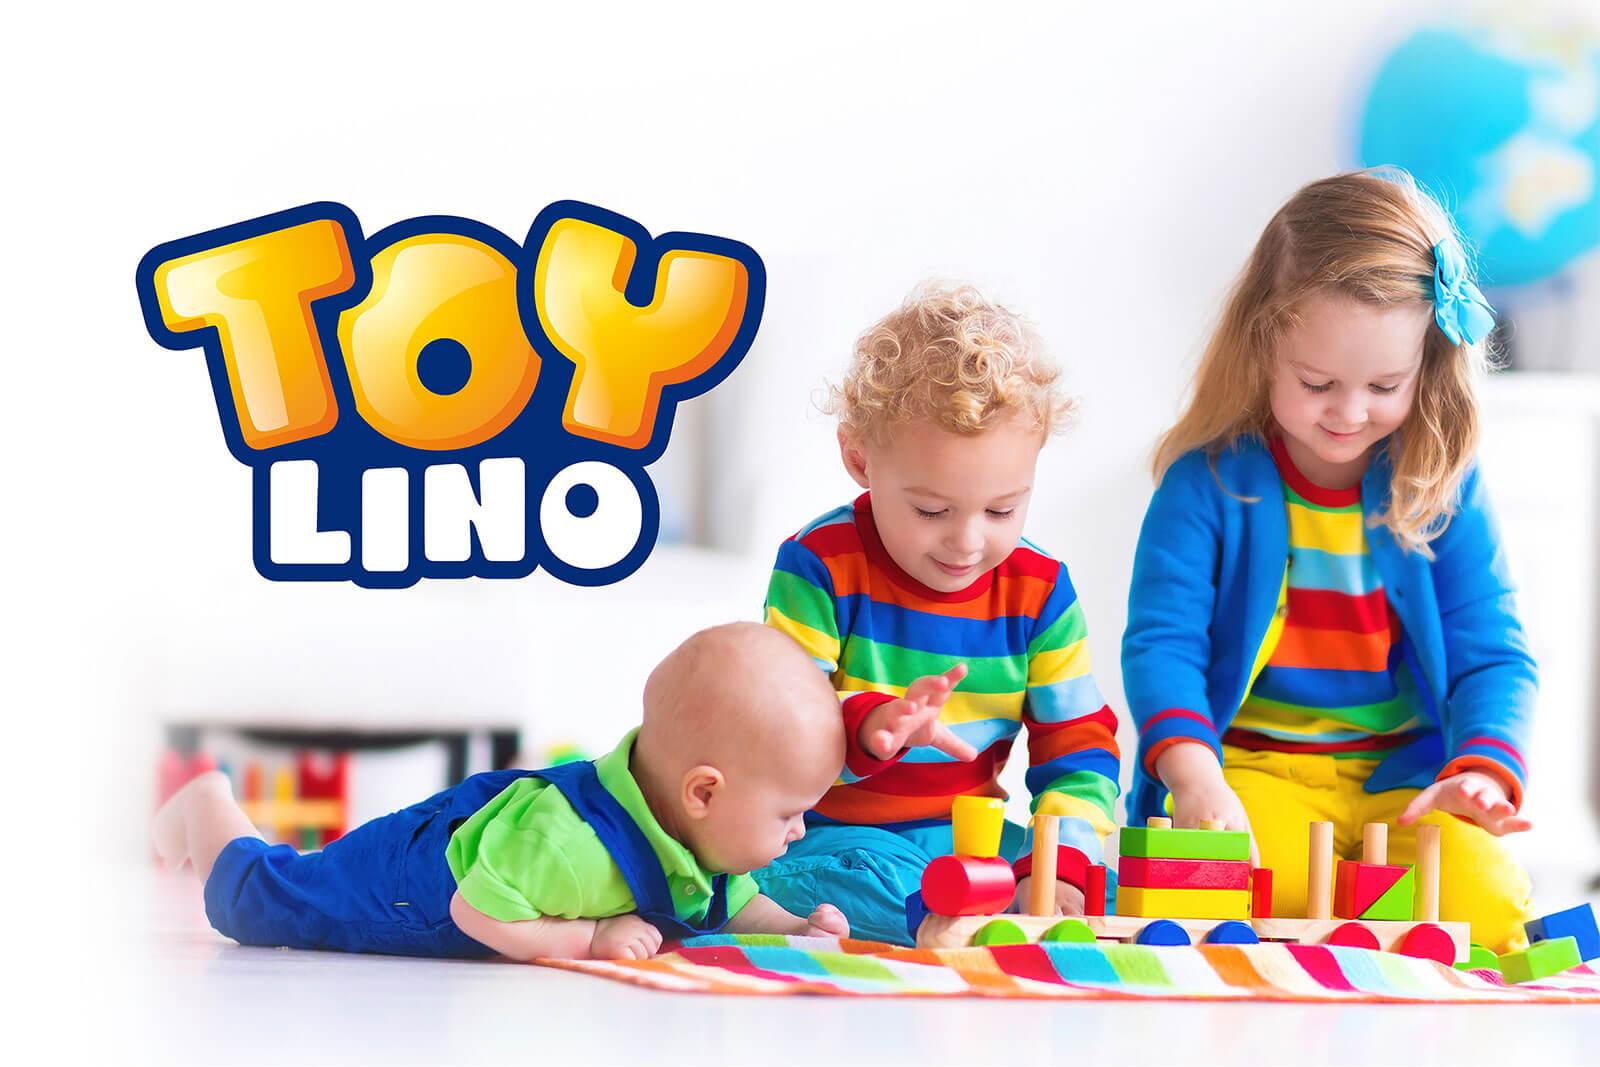 hofer toylino spielzeug imagebild kinder spielend design packaging rubicon